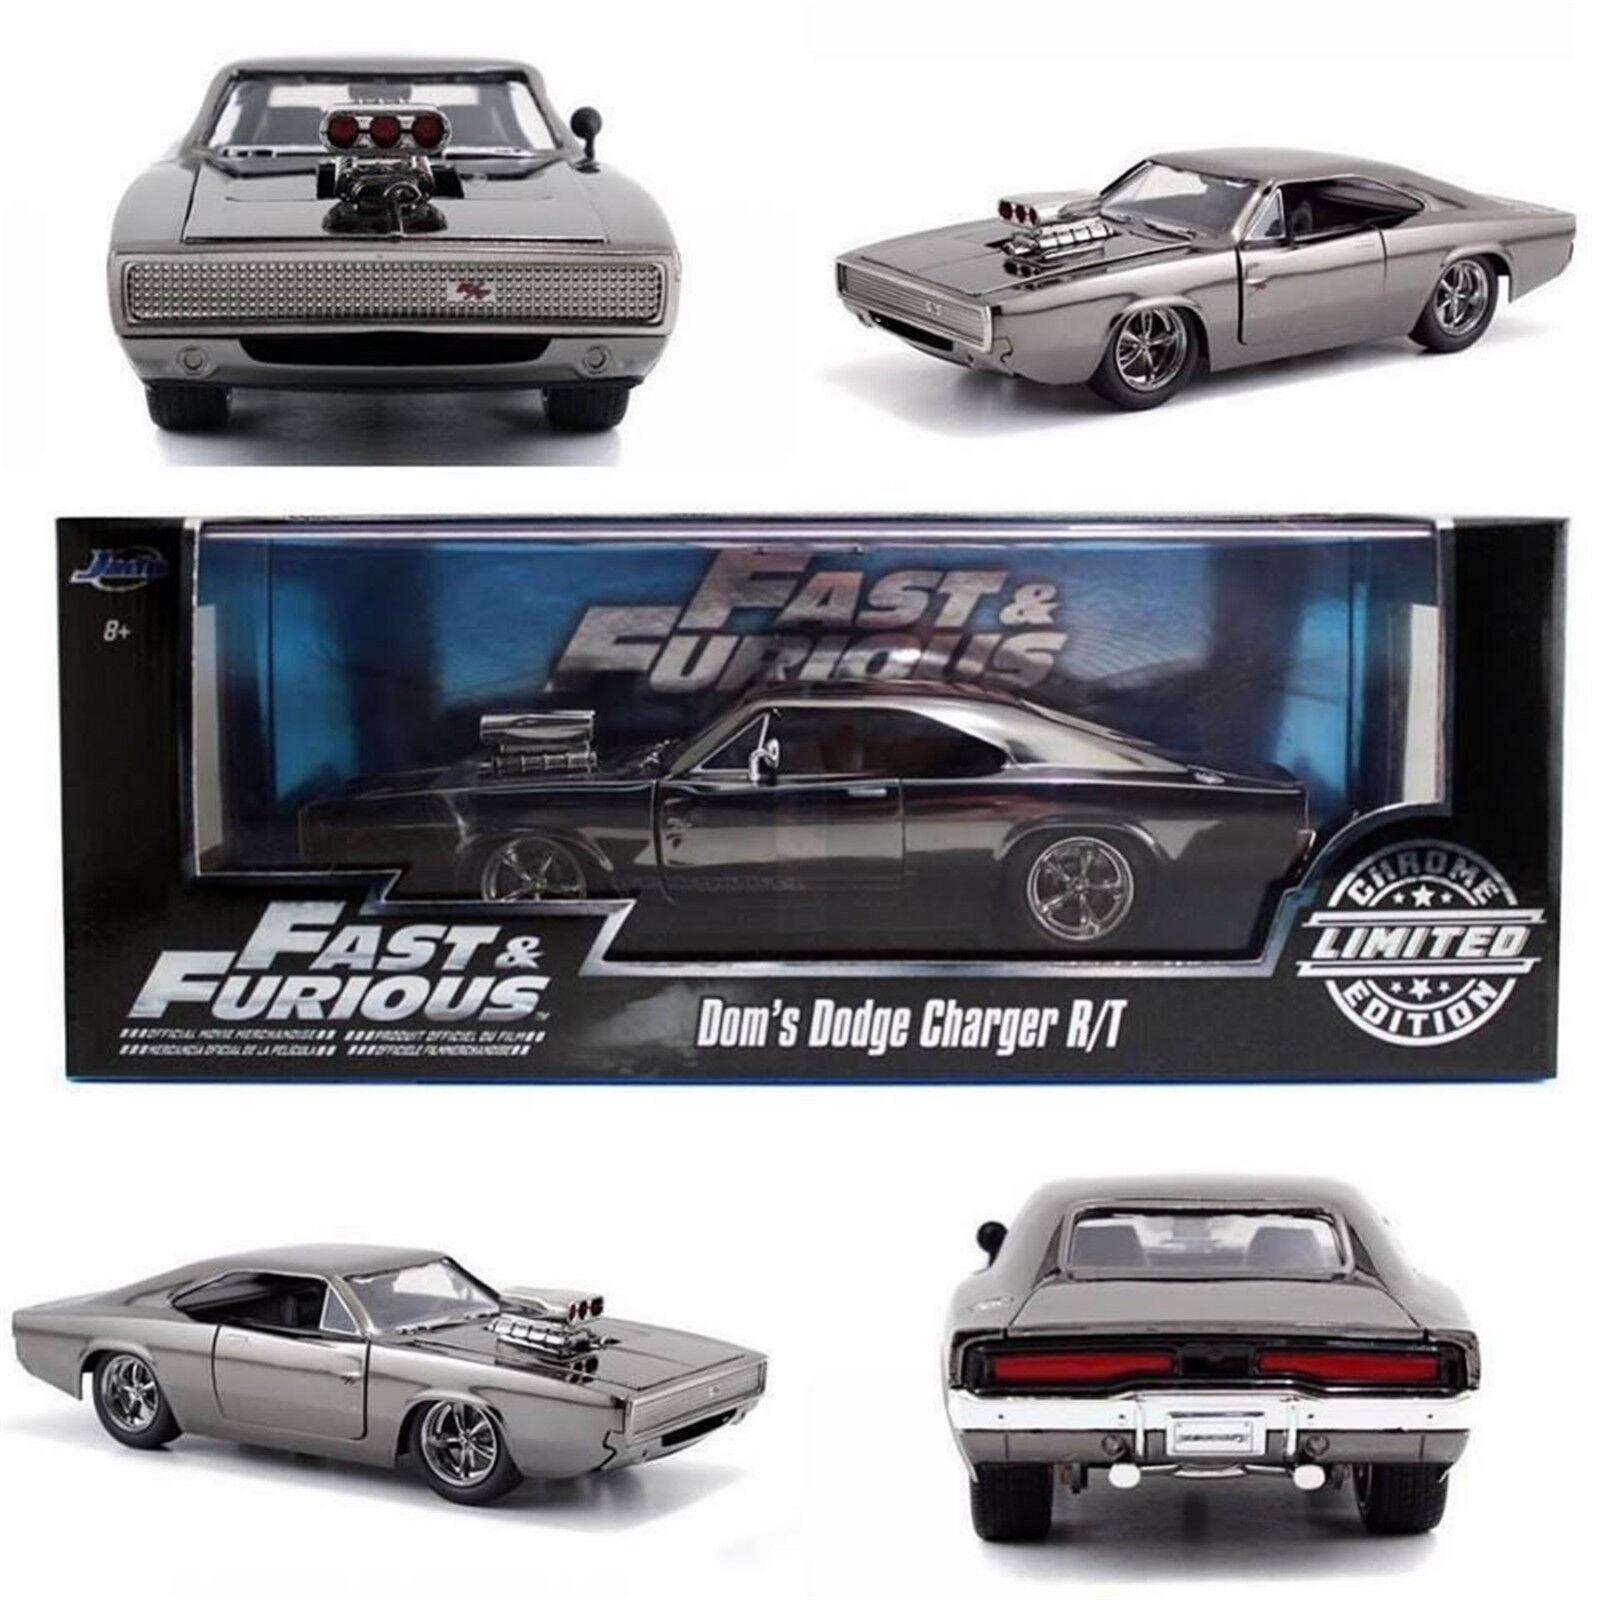 exclusivo Fast & Furioso Dom's Dodge Cochegador R T Cromo Cromo Cromo Limited 1 24 Diecast Jada 97443  Mercancía de alta calidad y servicio conveniente y honesto.